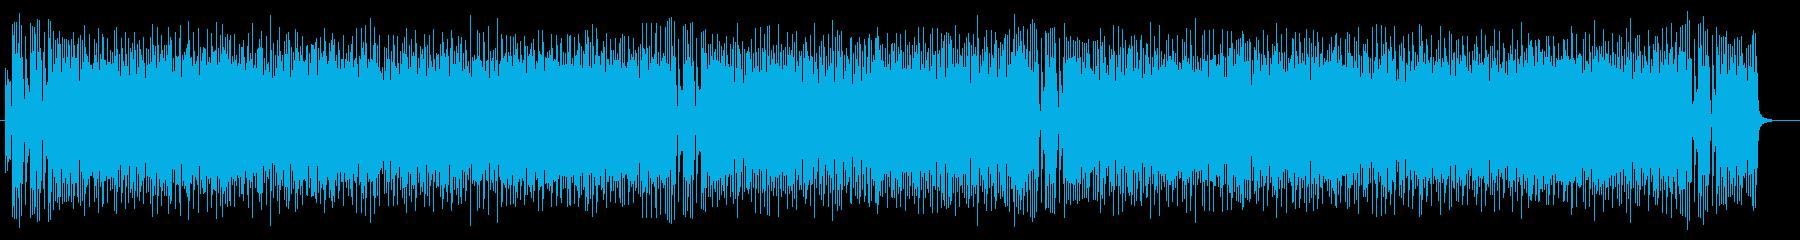 軽快でリズミカルなアップテンポポップスの再生済みの波形